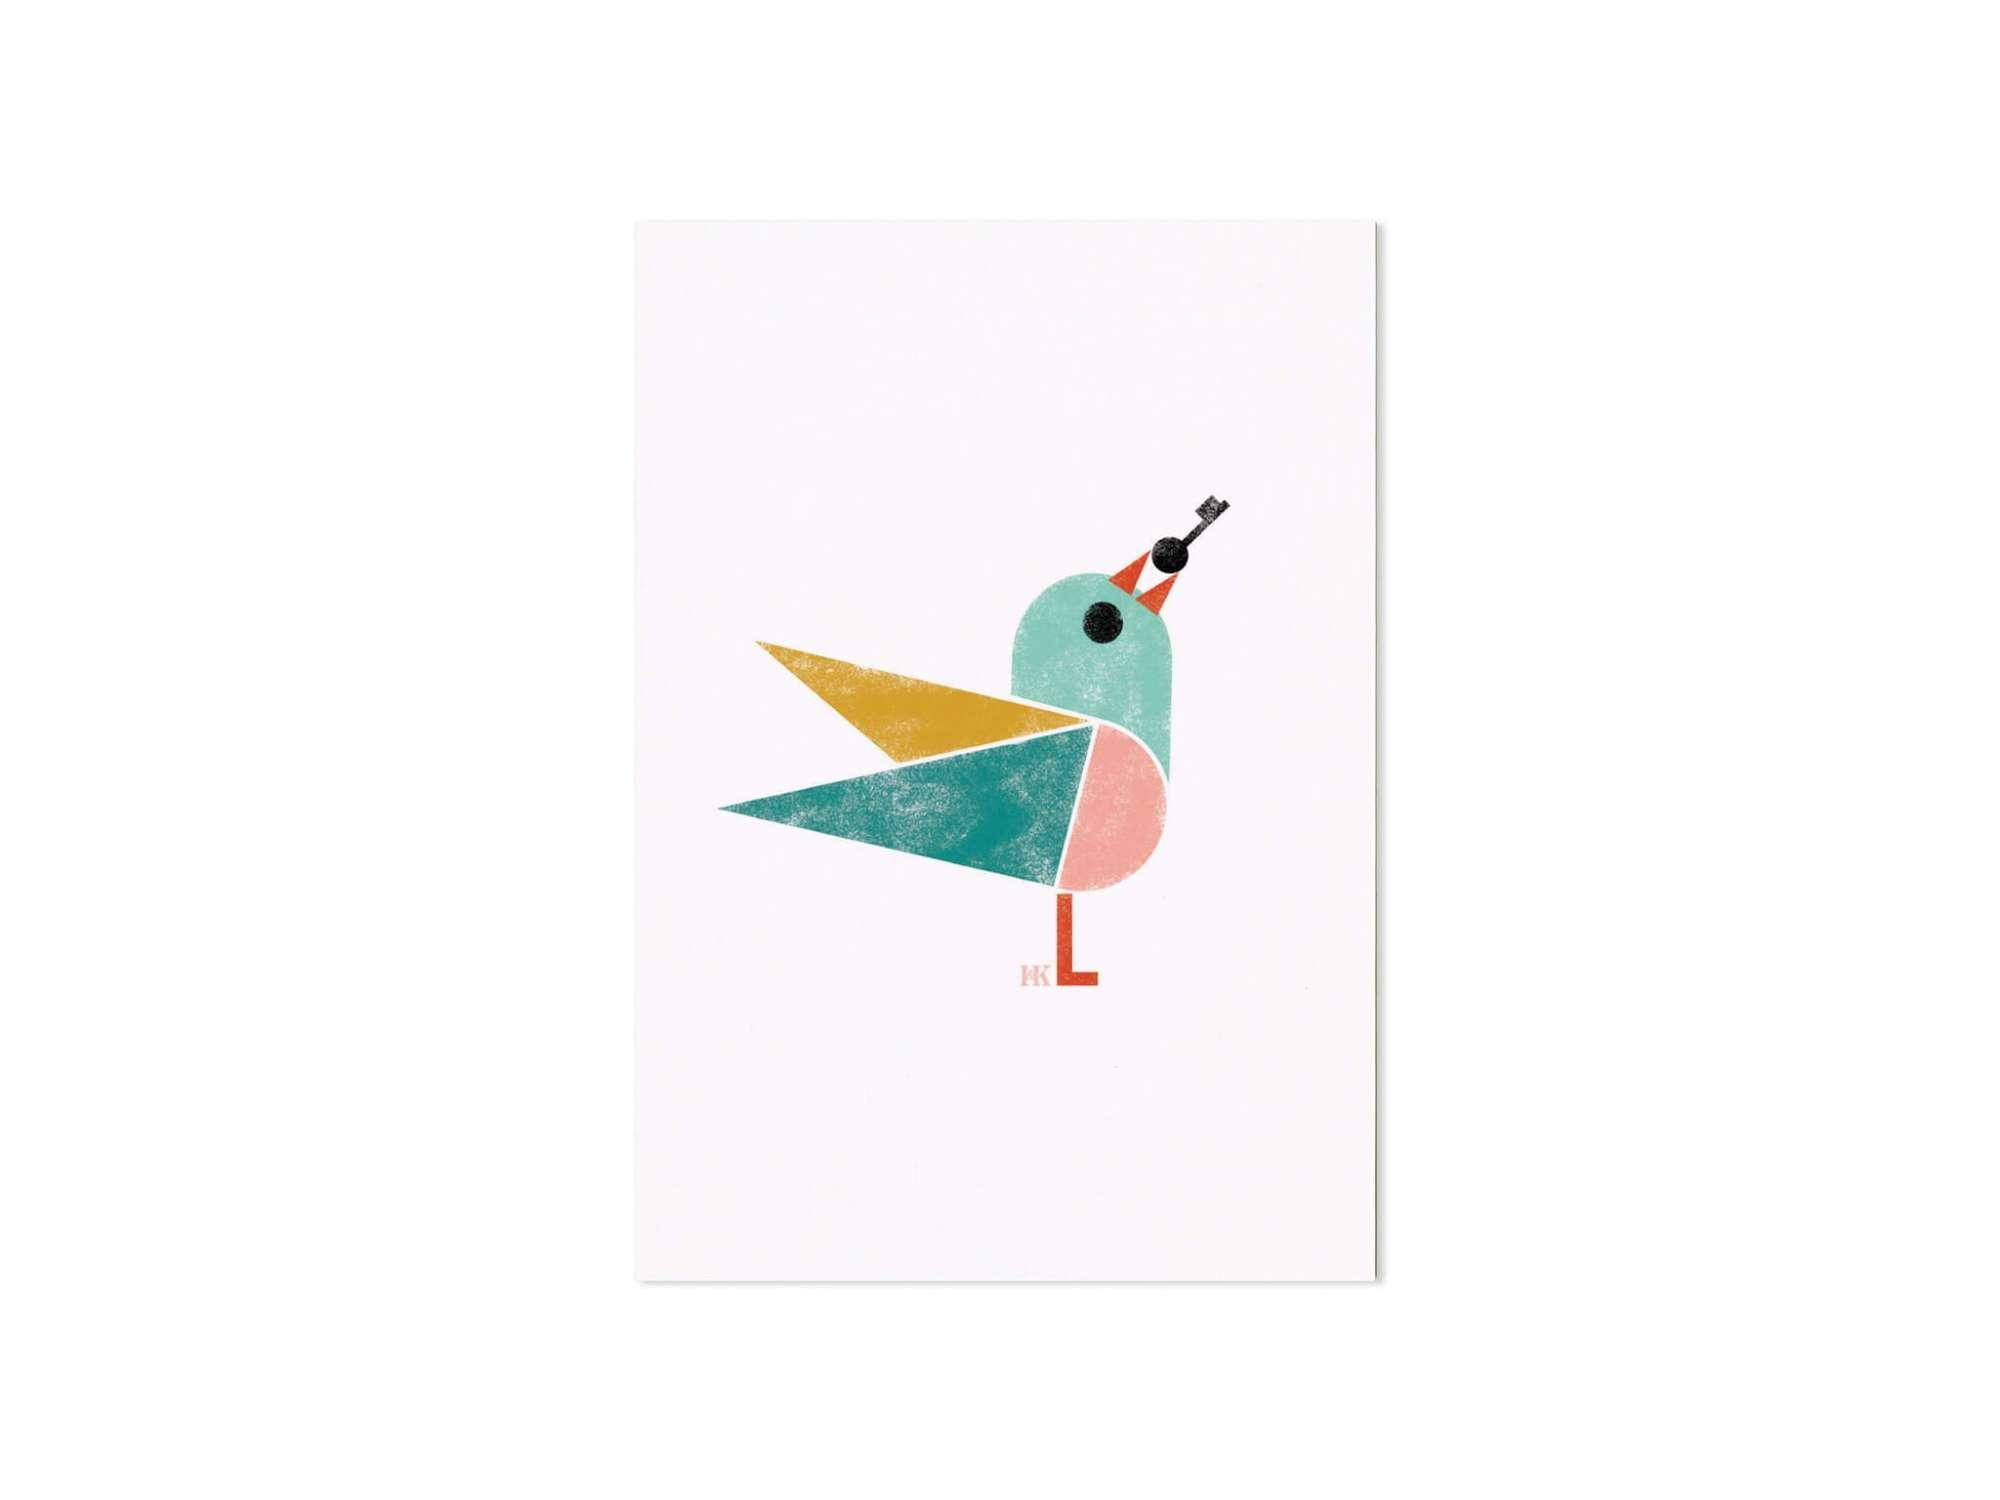 Birdy, Un oiseau vous apporte une clef, Ich&Kar dessine une série de cartes illustrées de petits oiseaux.